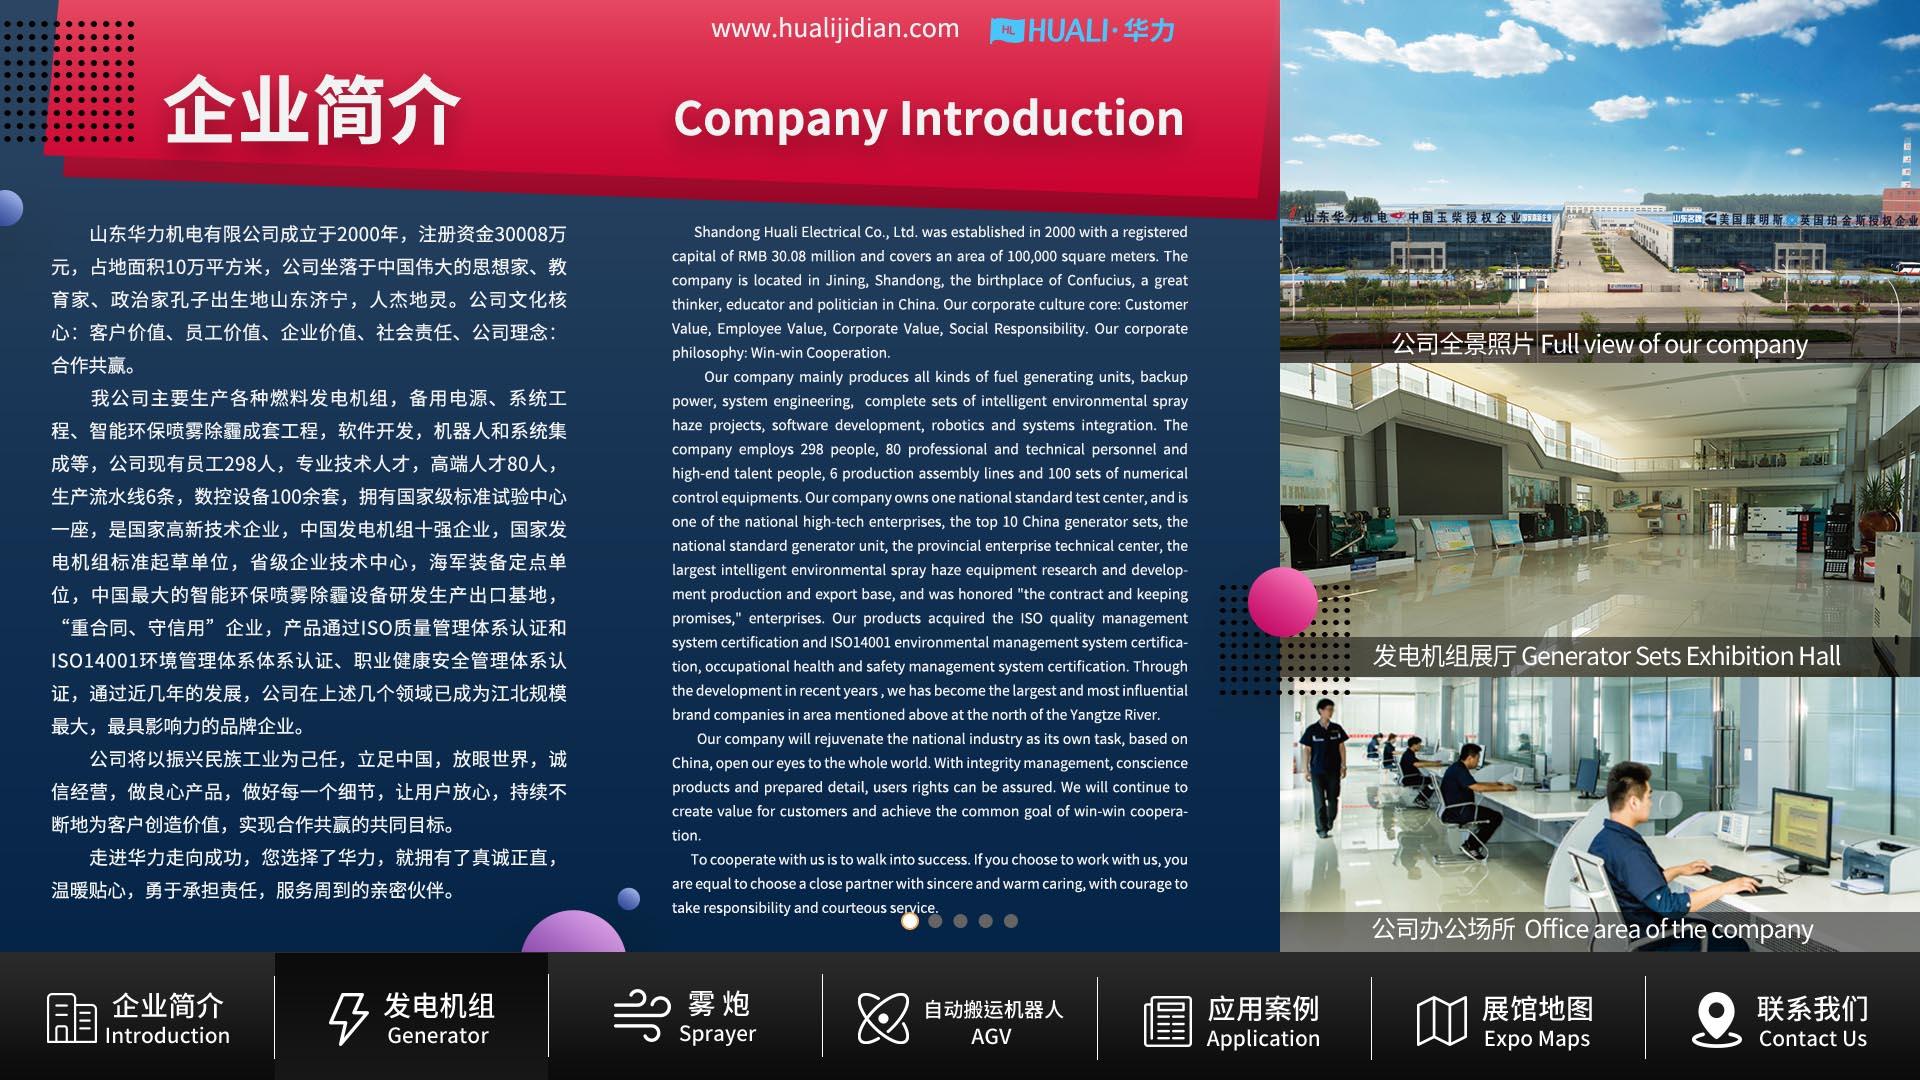 Shanhua generator